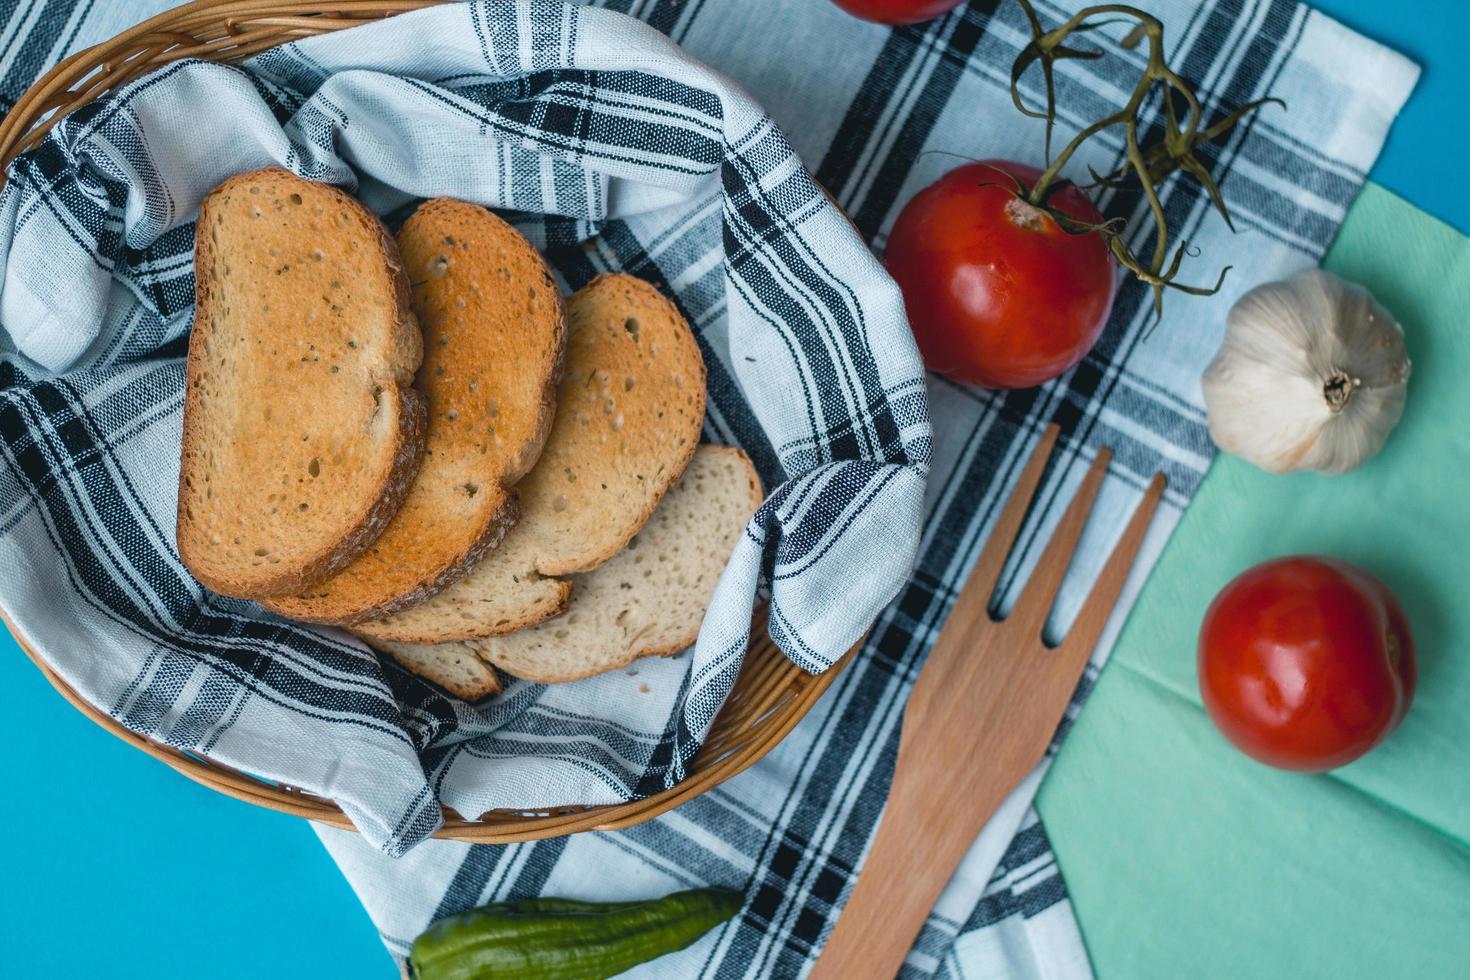 vista superior de una canasta de pan tostado foto